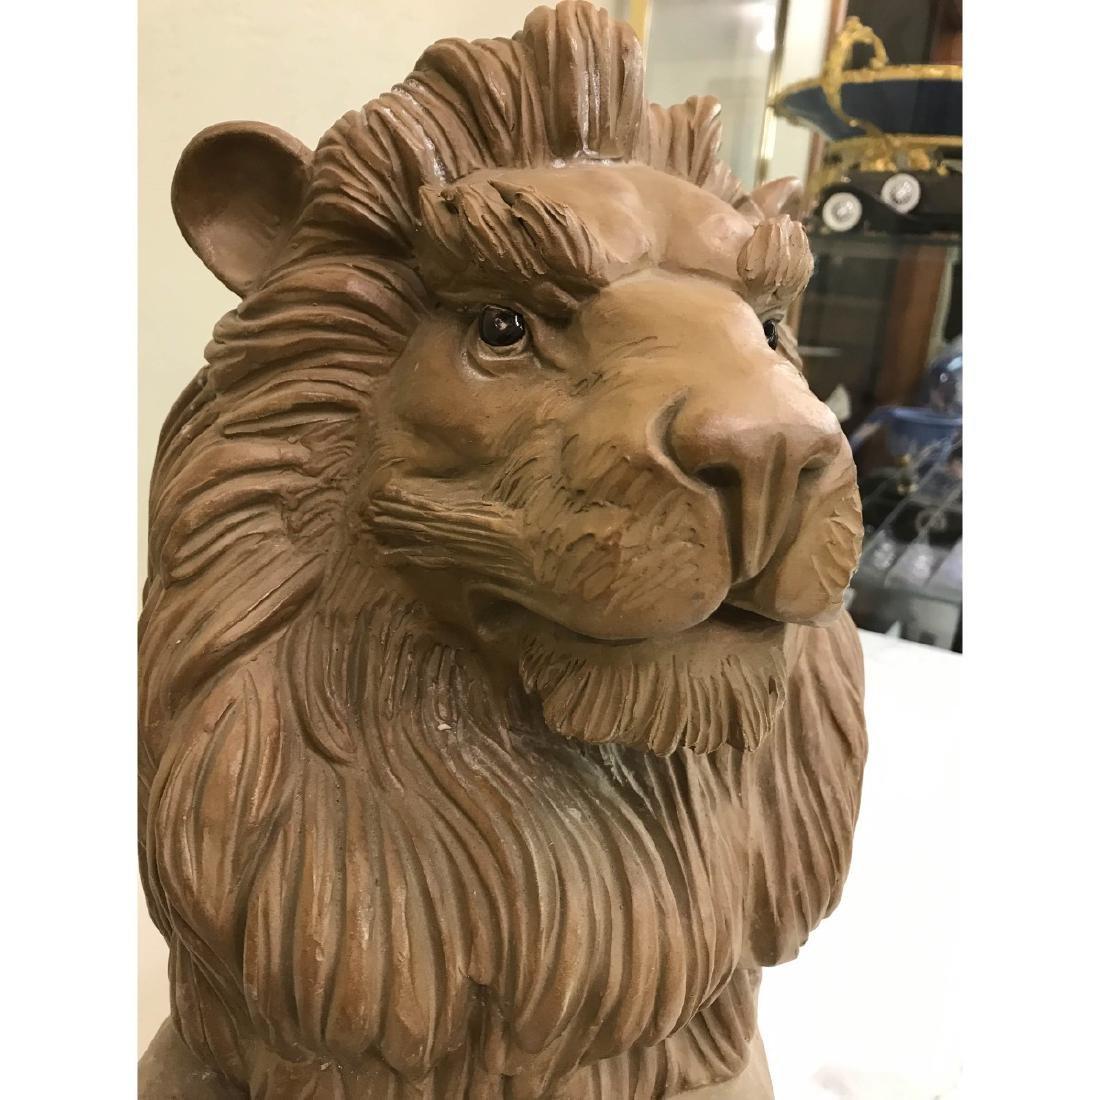 Unique Pair of Clay Lions - 7